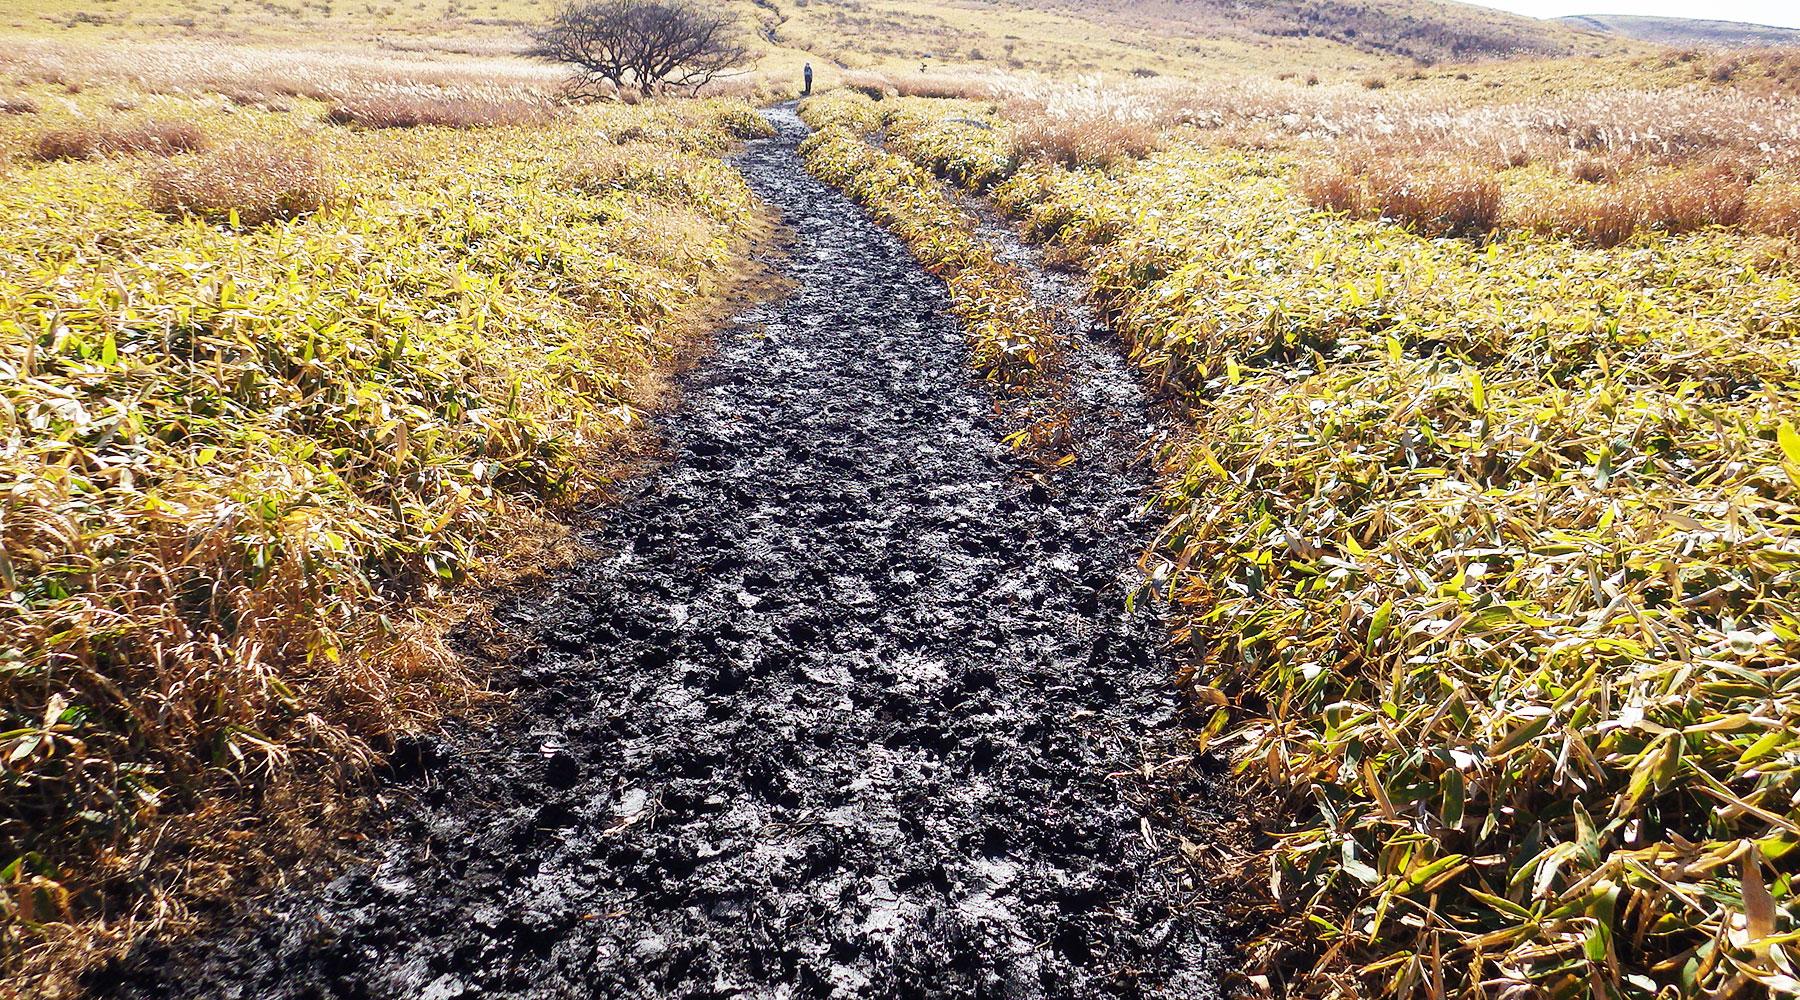 今日の登山道はほぼ泥濘状態